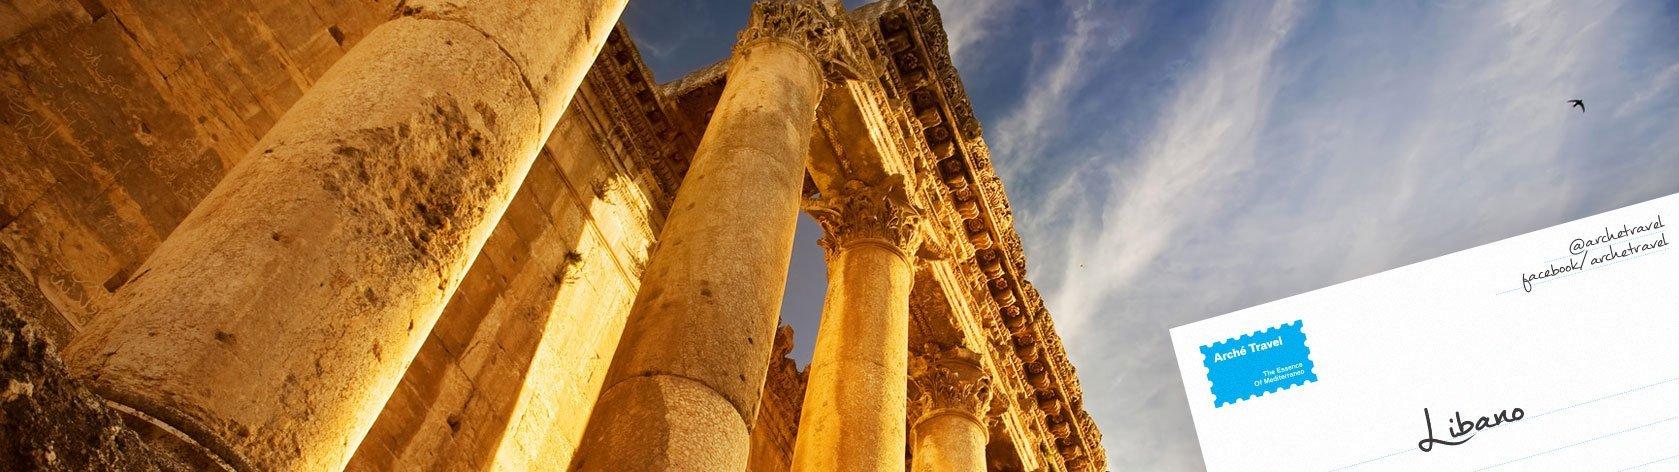 Tour Operator Libano - Viaggi Libano - Tour Libano - Arché Travel